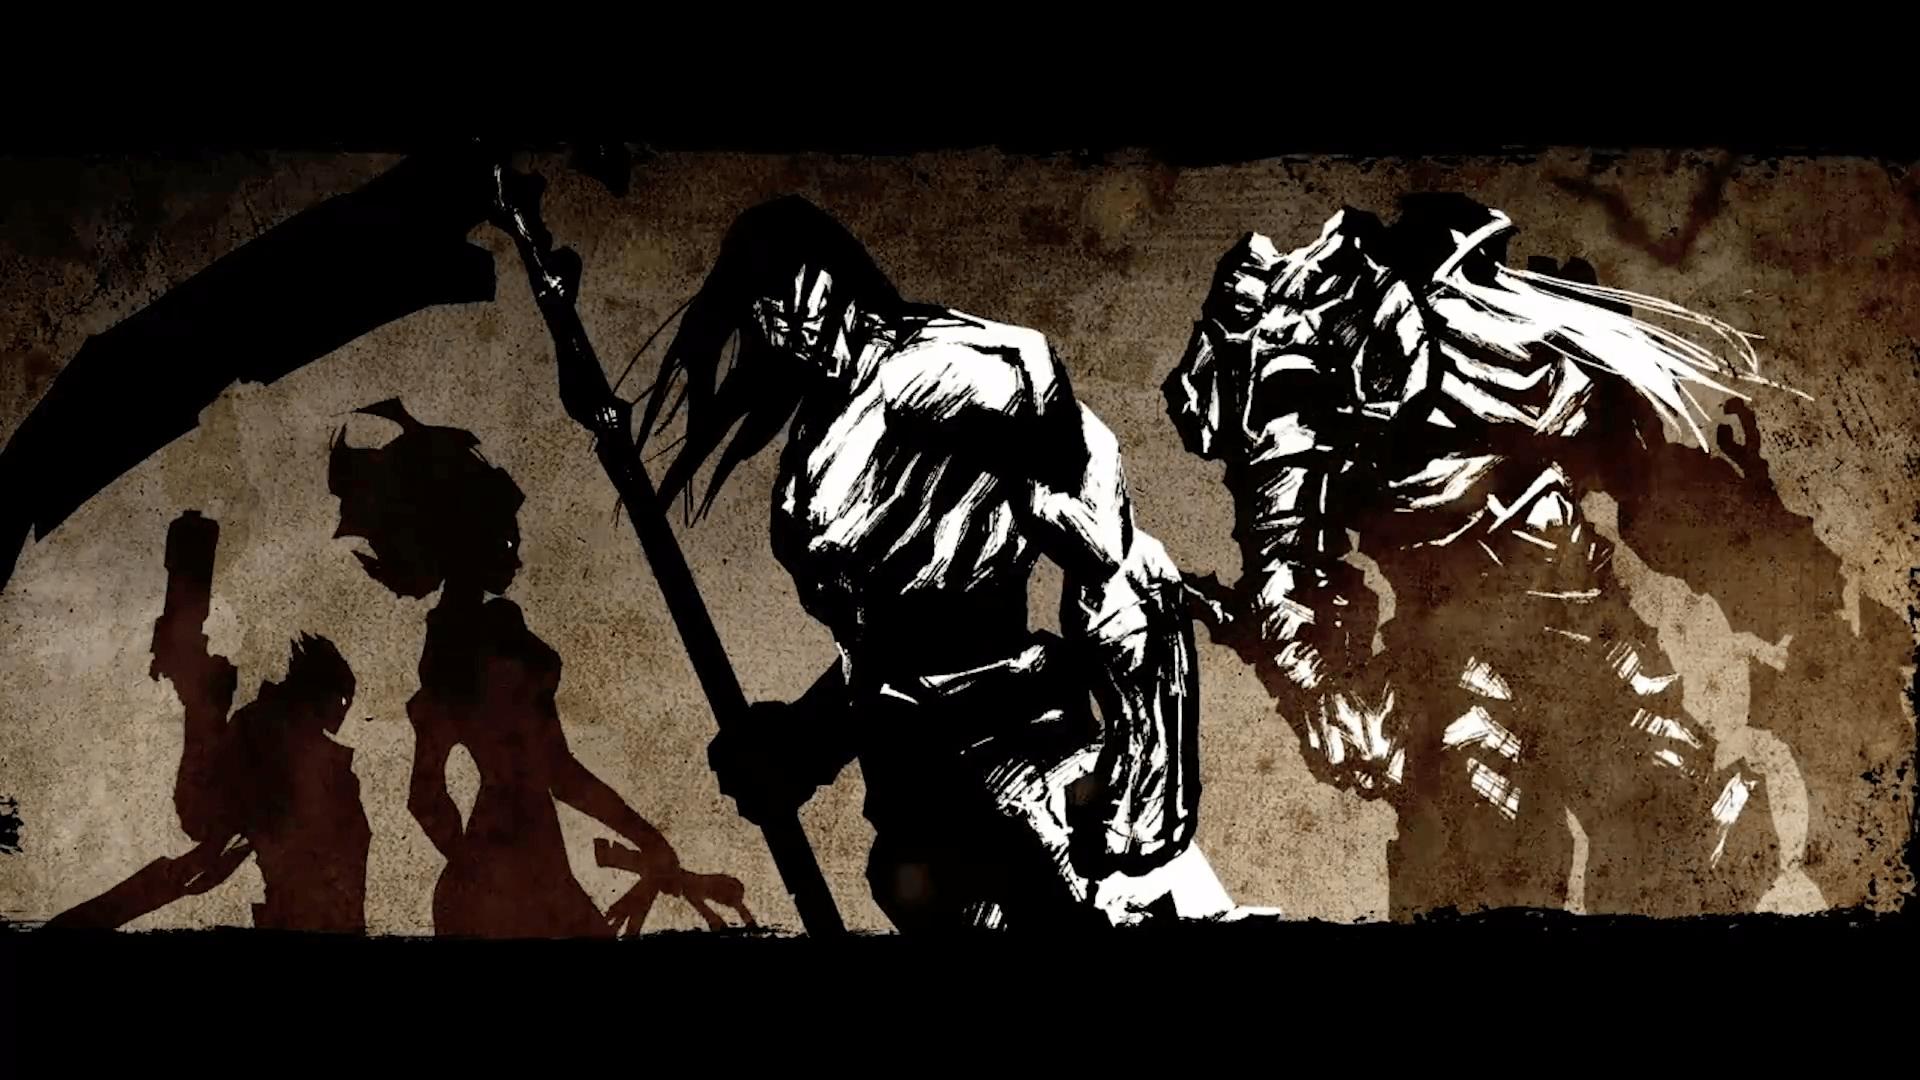 Games Wallpaper Darksiders Four Horsemen Wallpaper Hd Resolution